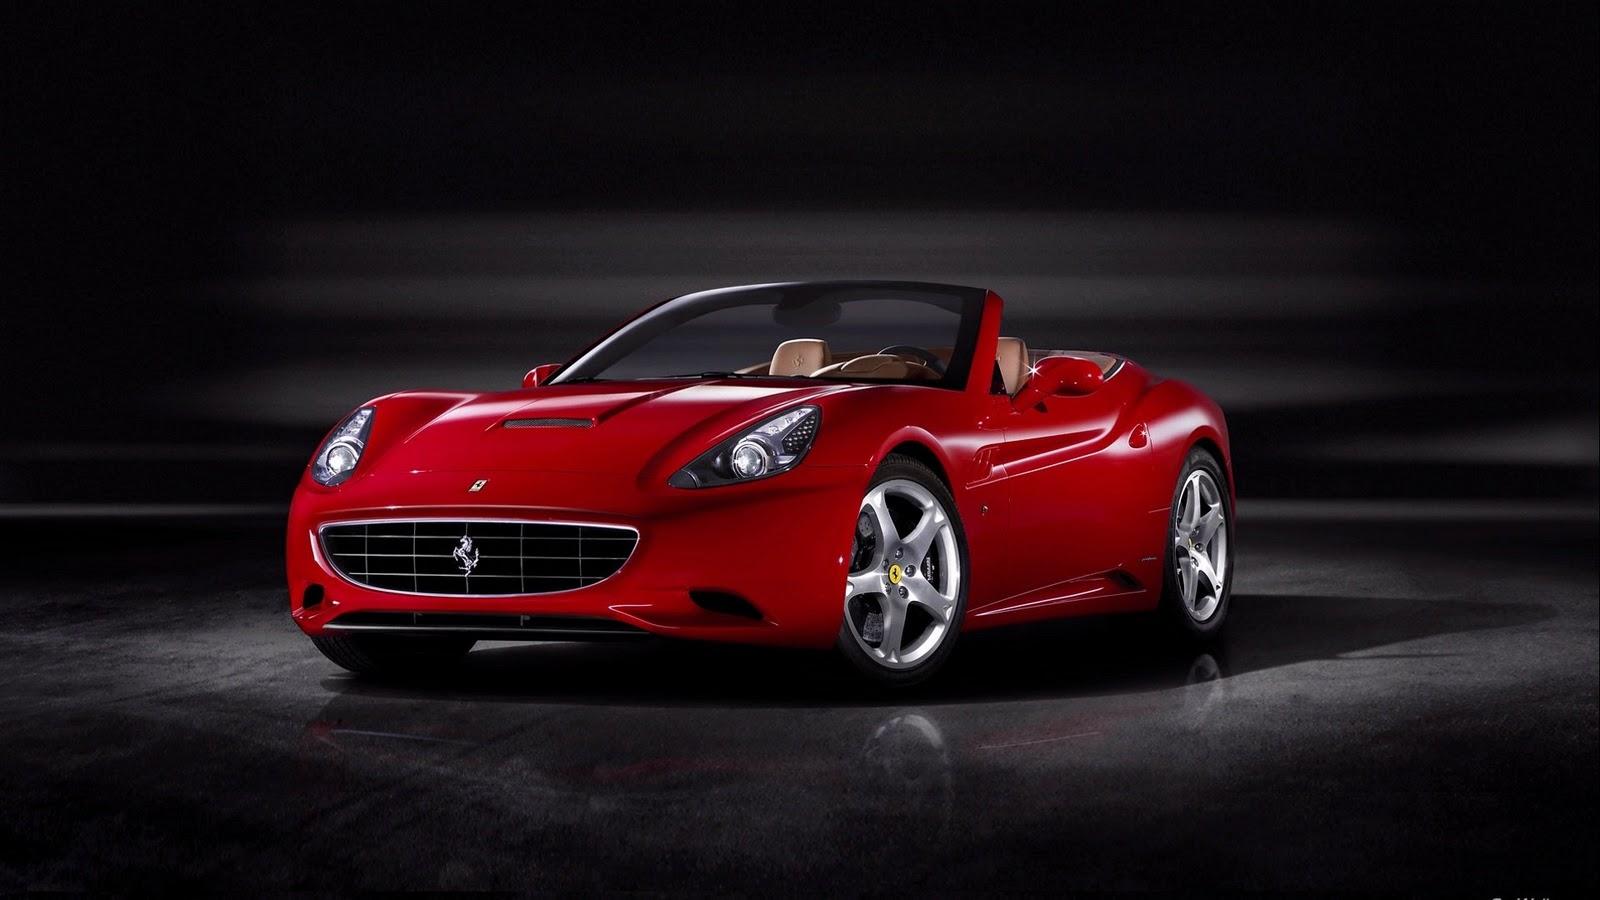 http://1.bp.blogspot.com/-T3DmQEO2Alc/TwrhJUHH3kI/AAAAAAAAAZY/kZ-Ht2X6hQs/s1600/Ferrari-California-Wallpapers.jpg